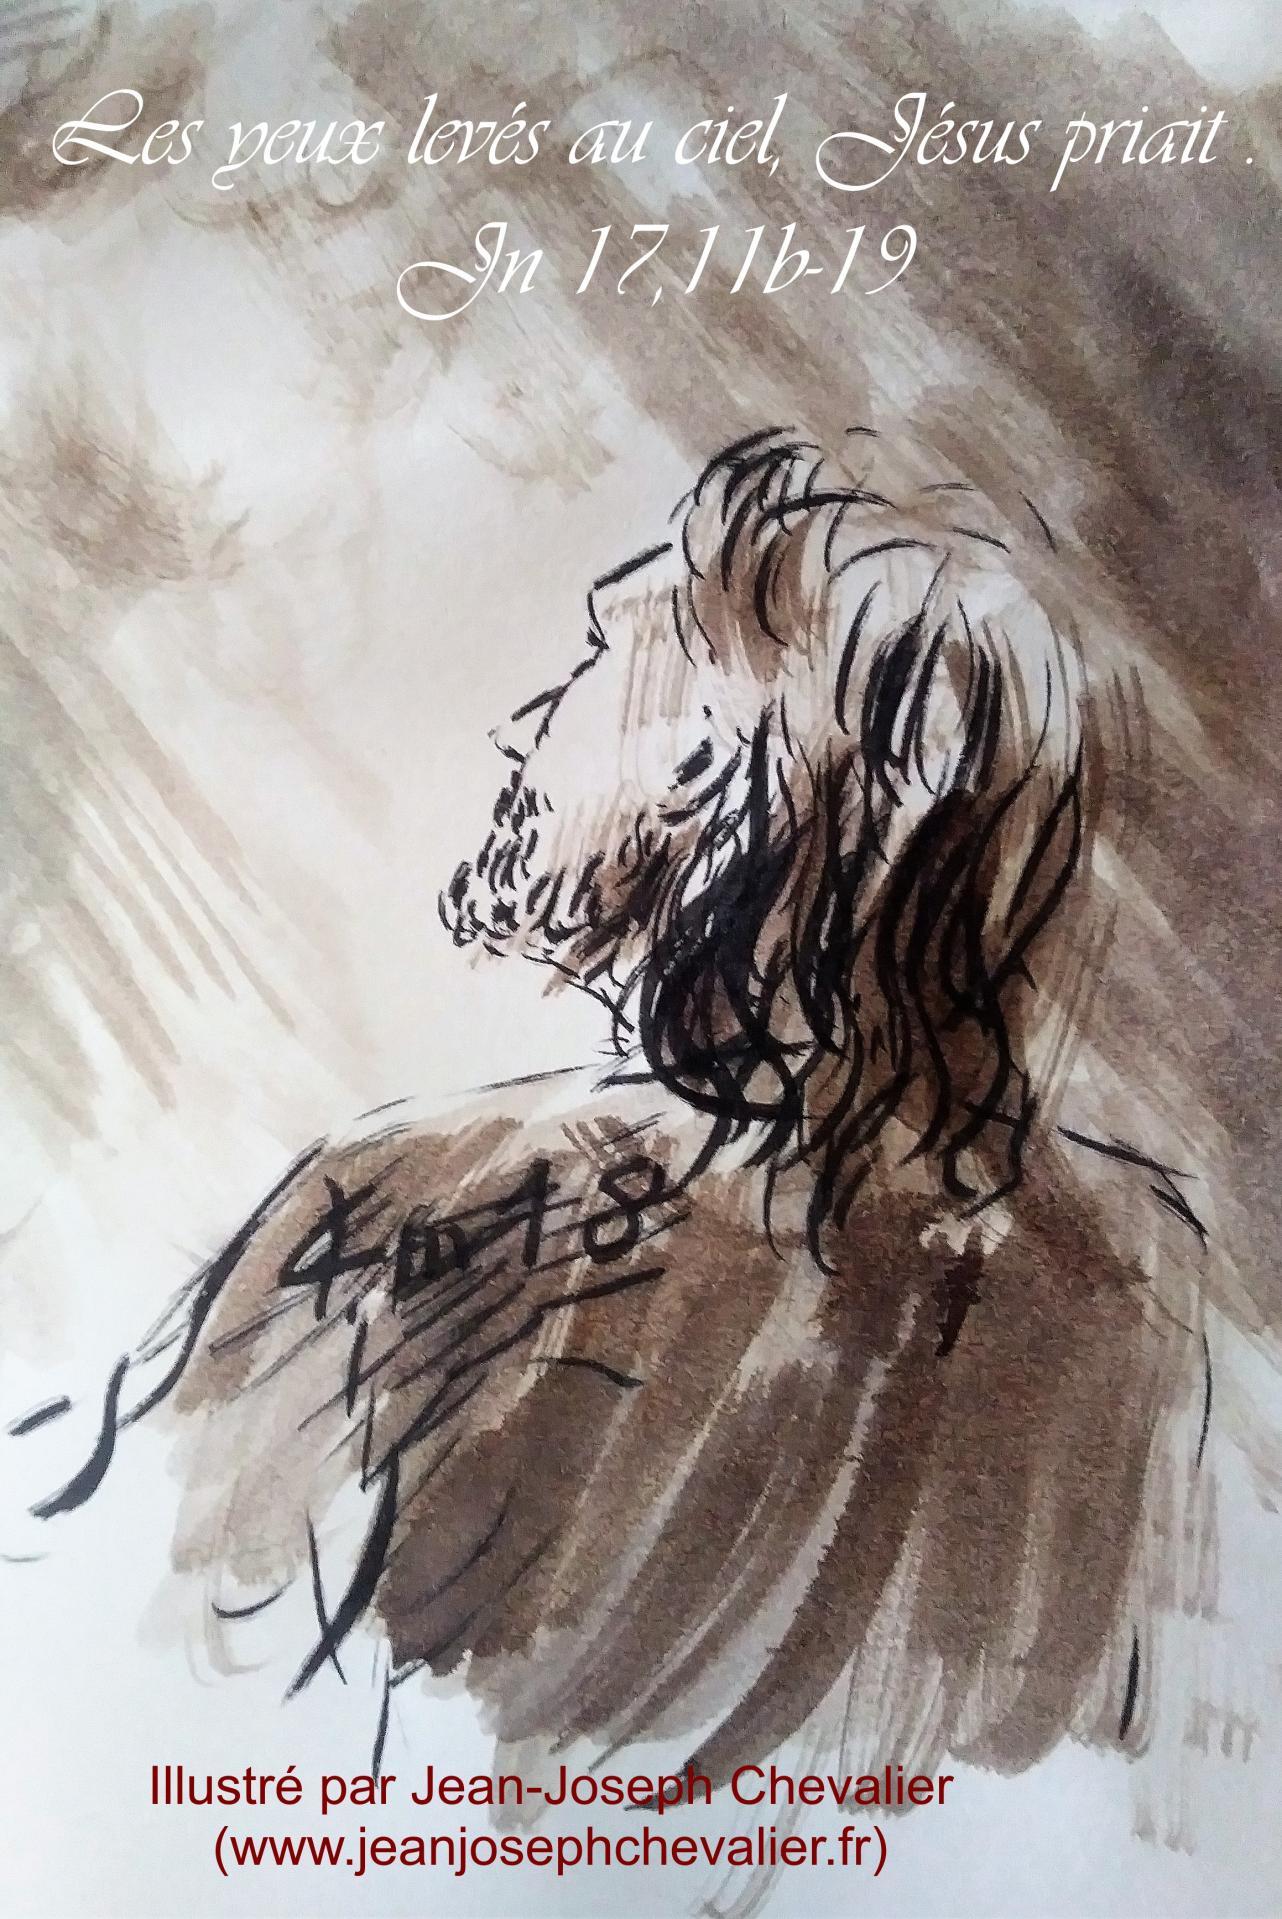 16 mai 2018 evangile du jour illustre par un dessin au lavis de jean joseph chevalier image